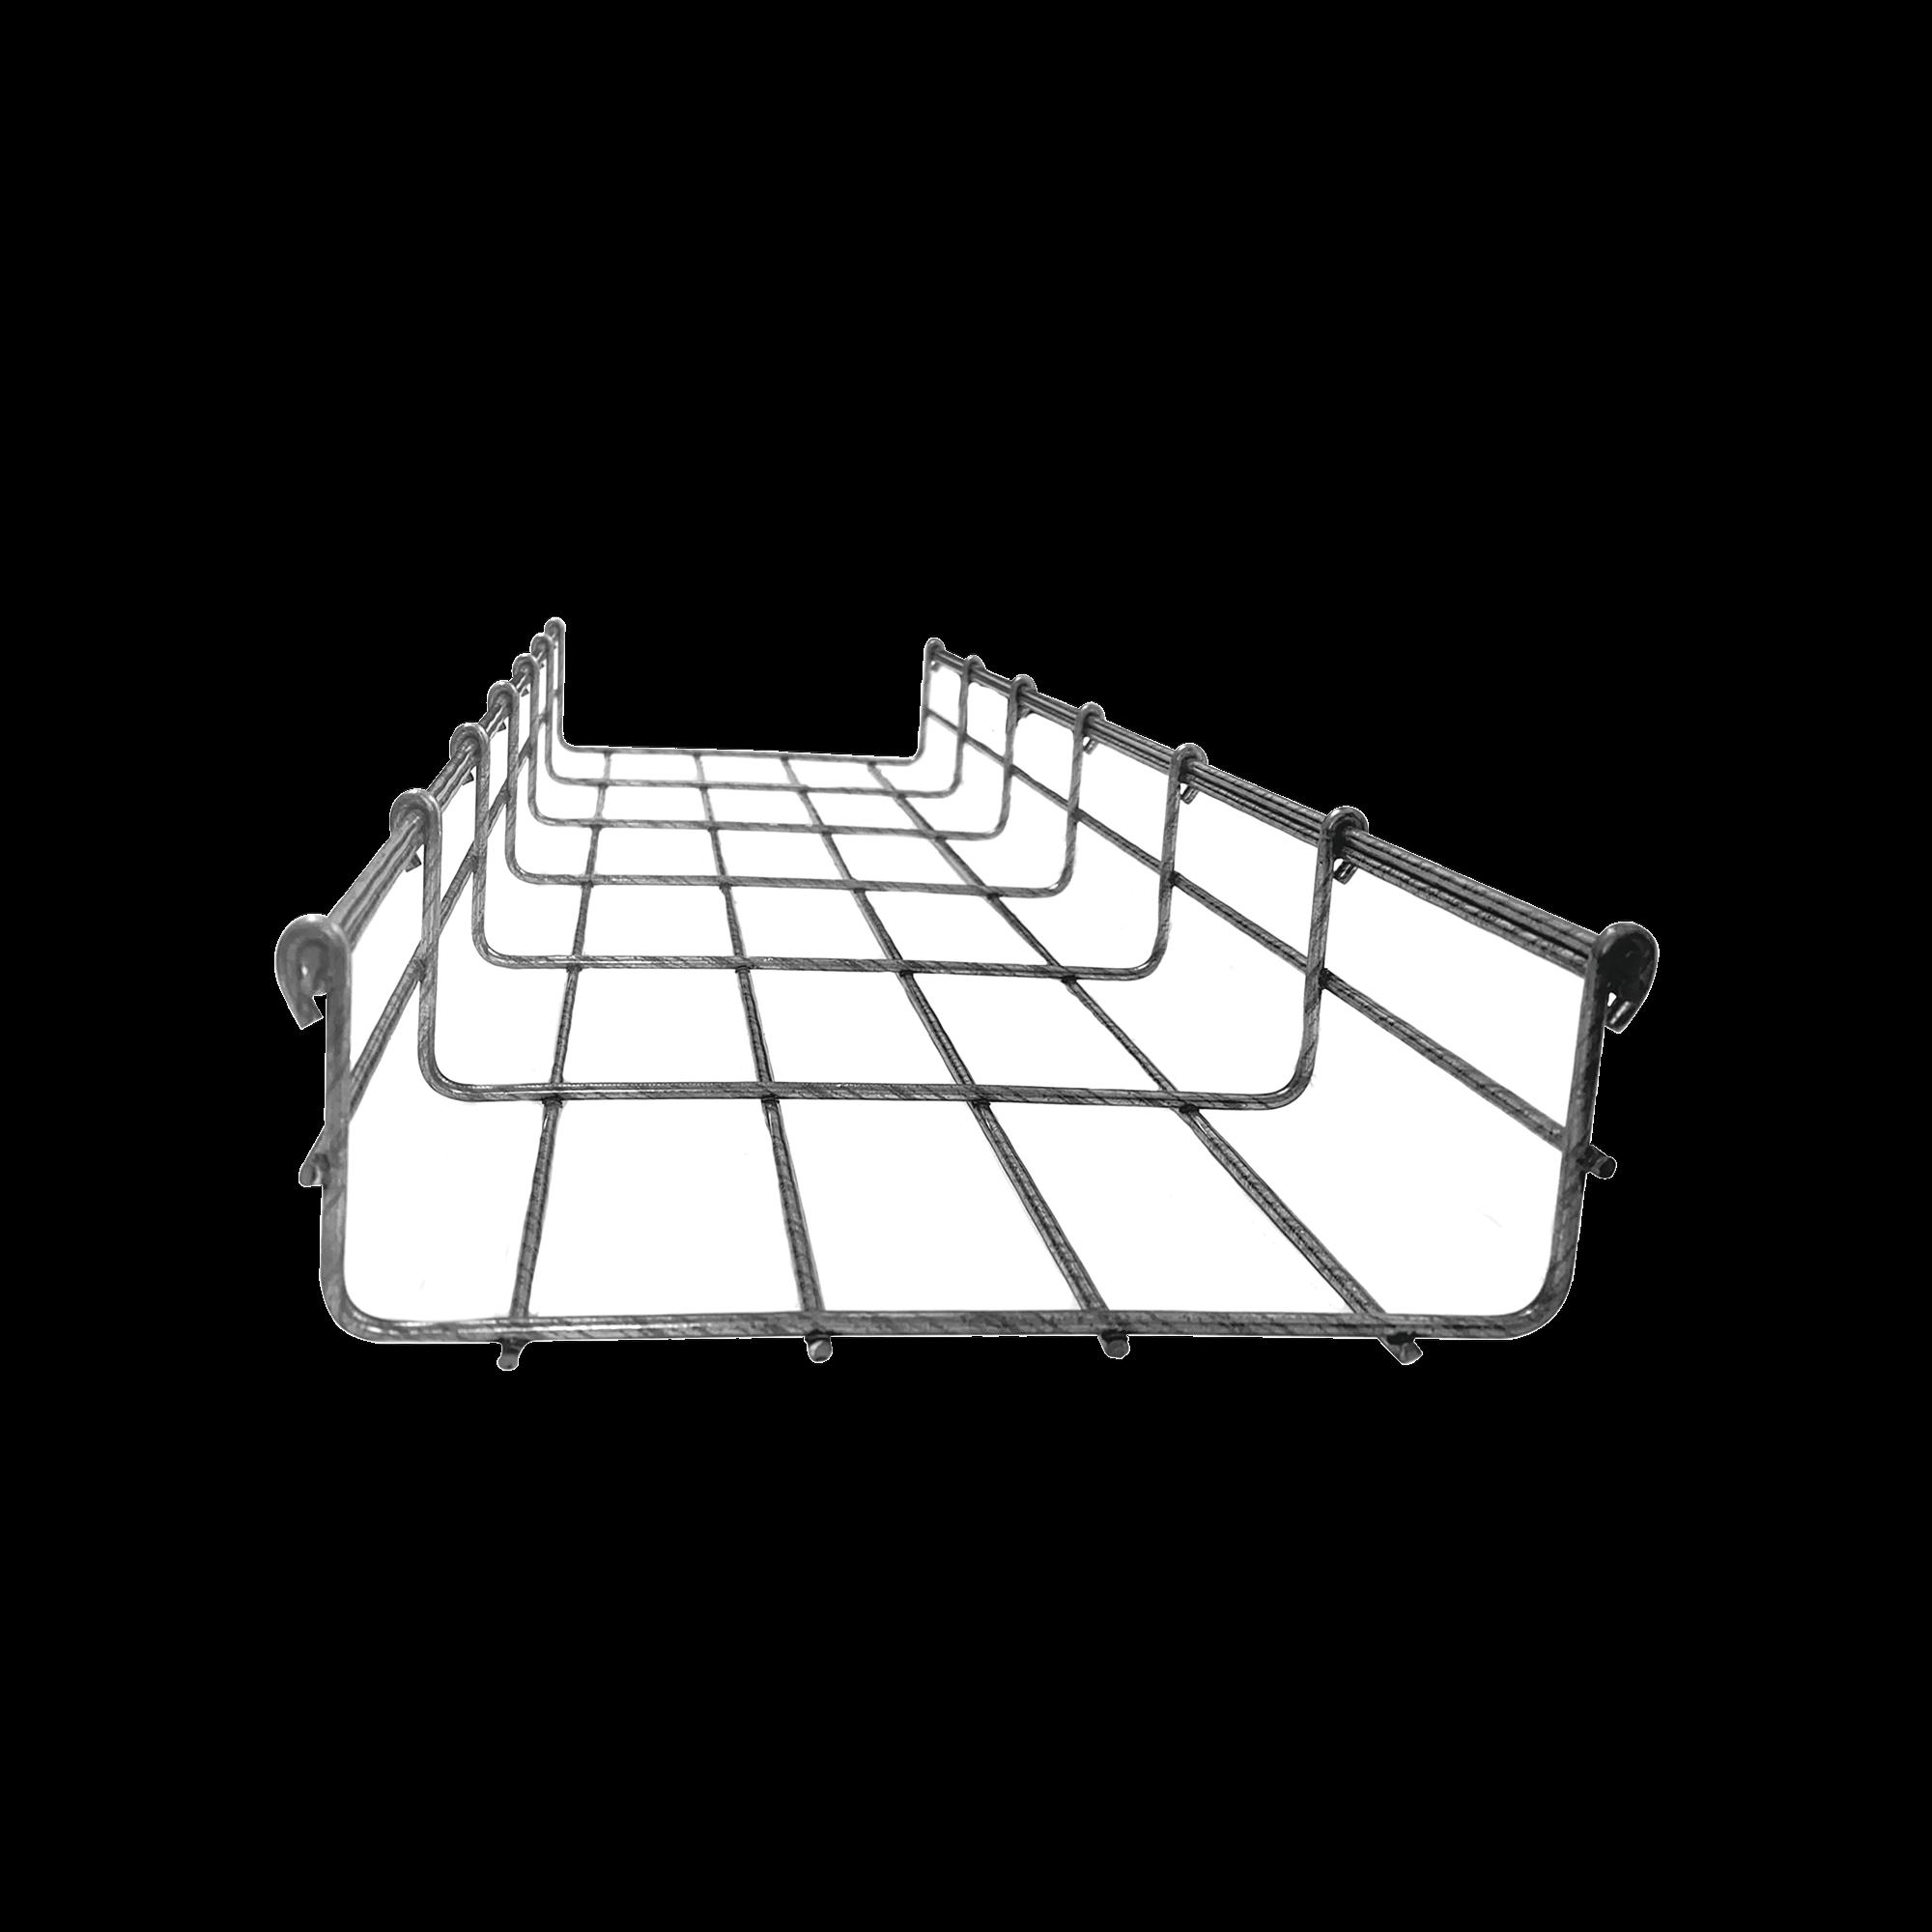 Charola tipo malla 66/200 mm BIMETáLICA para Instalación en Exterior o Interior, Extrema Resistencia y Durabilidad. Hasta 210 cables Cat6 (Tramo de 3 metros).